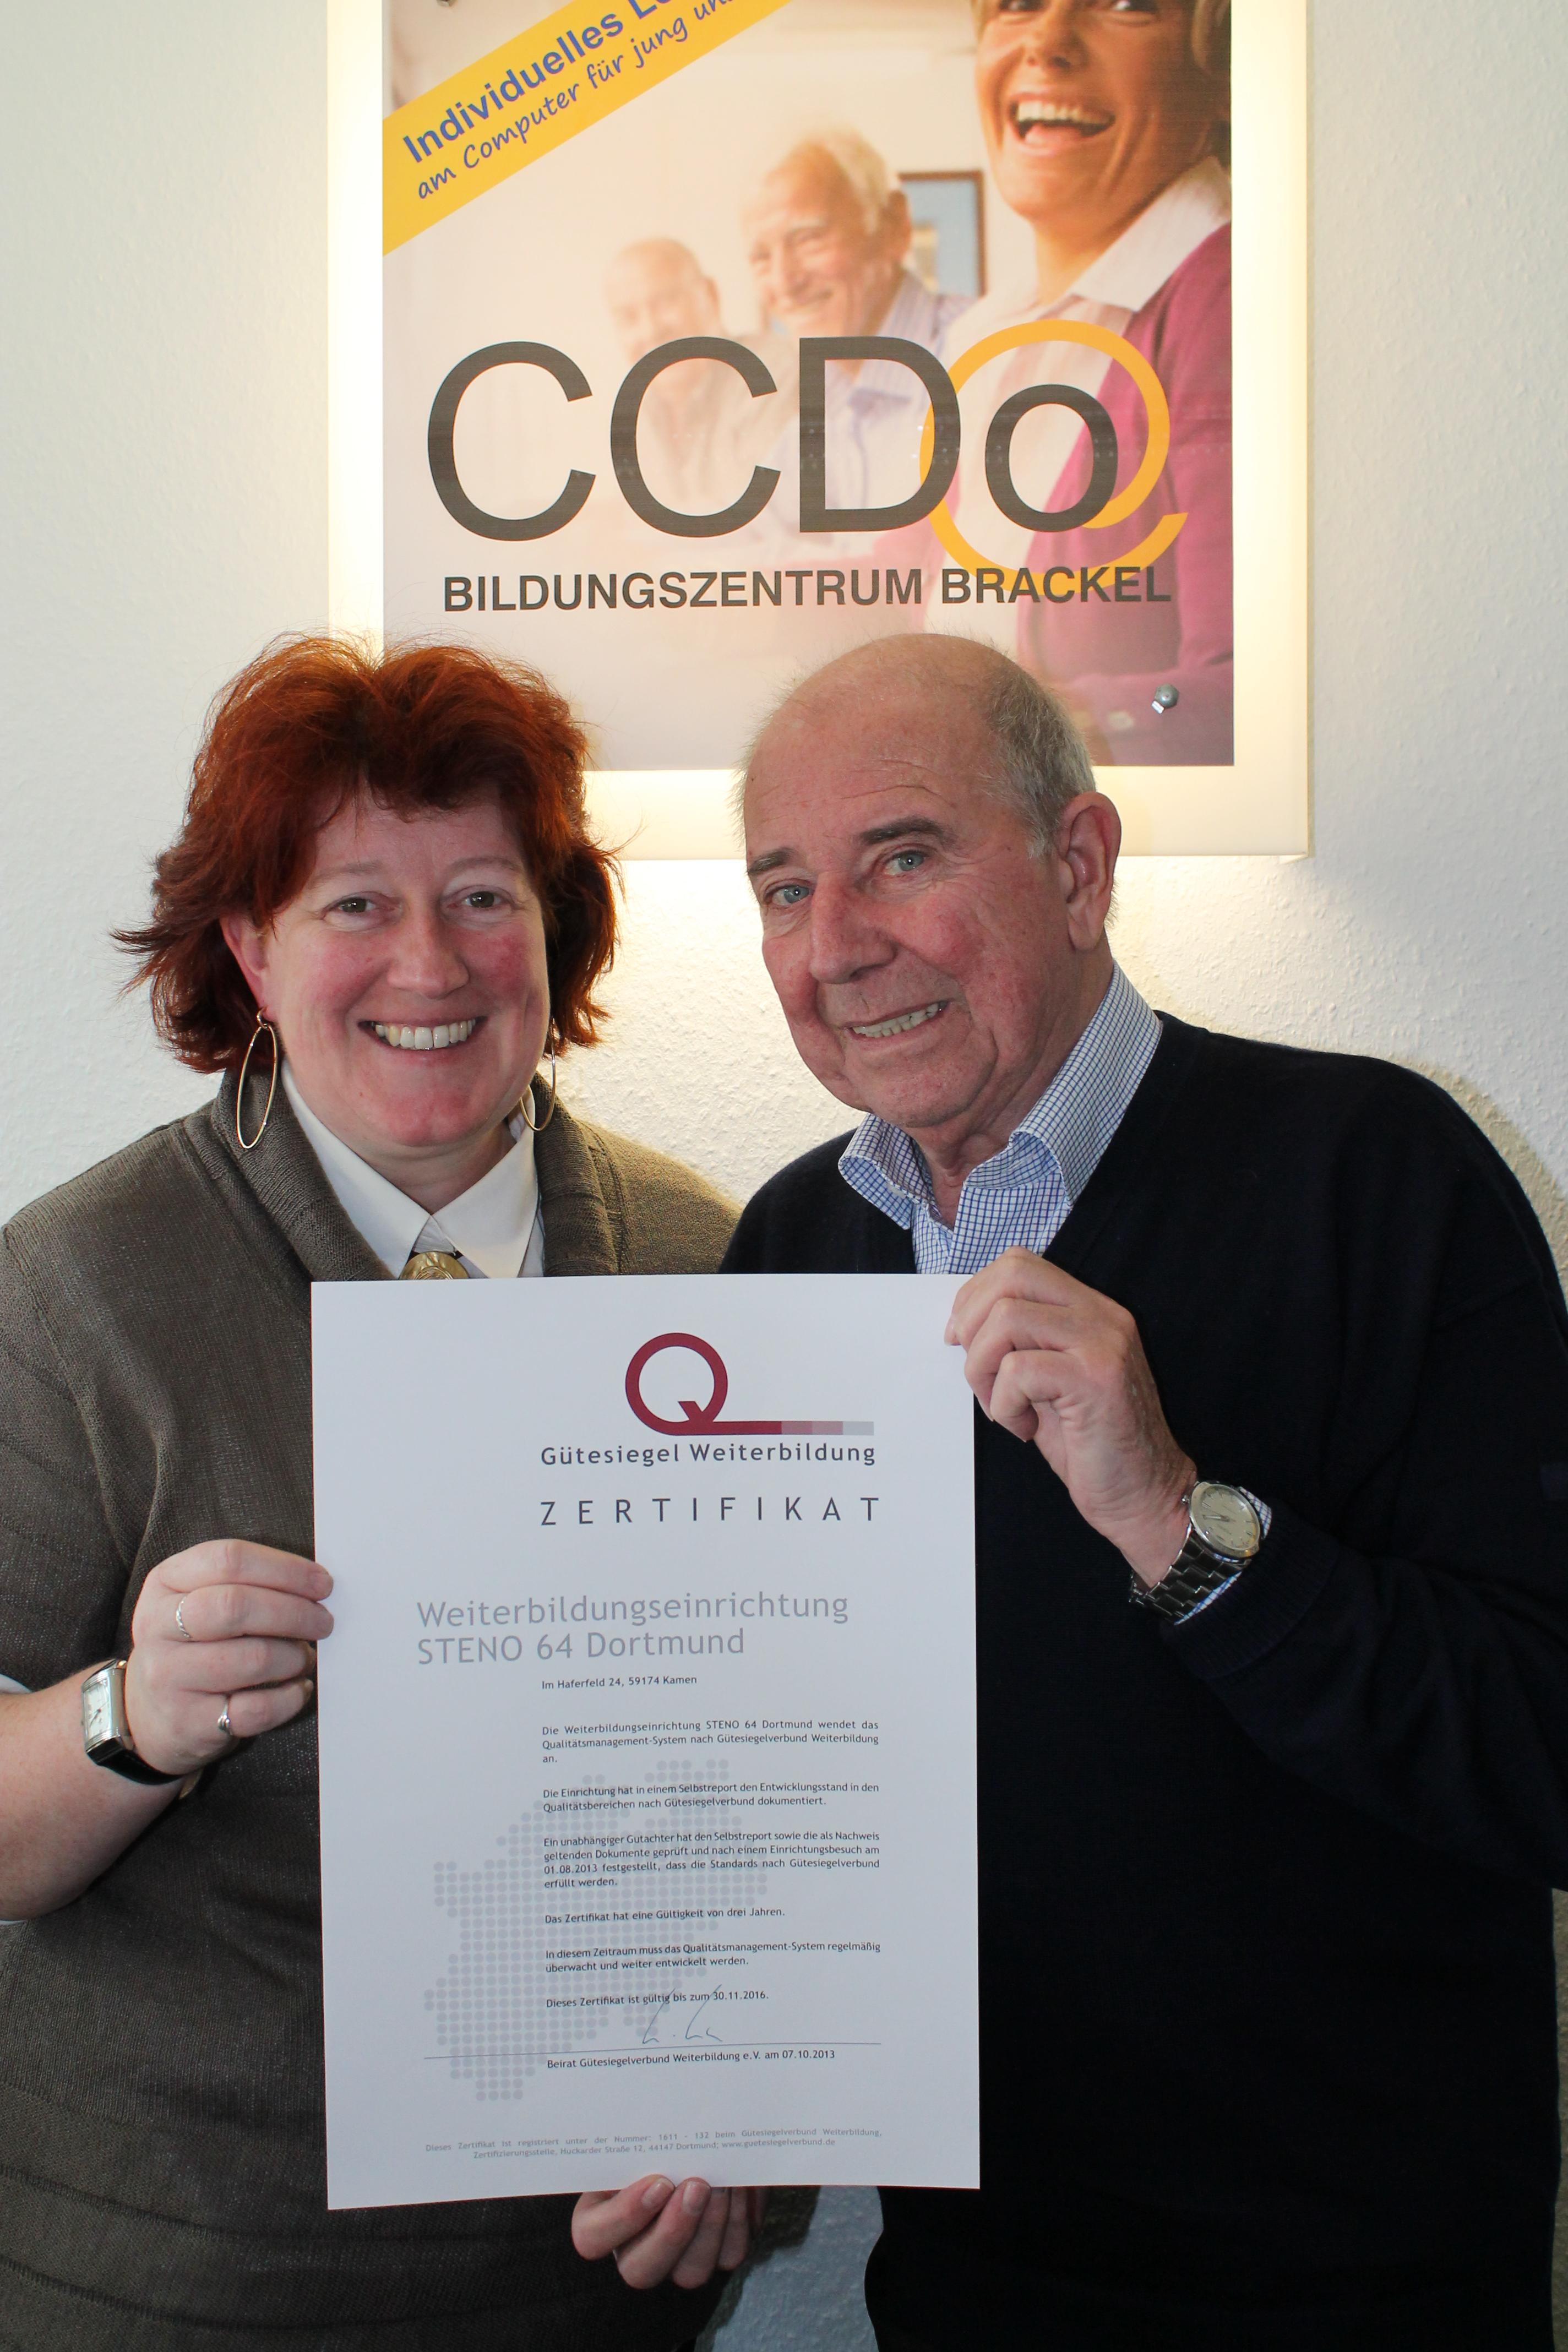 Veronika Masling und Gerd Rölleke präsentieren das Zertifikat des Gütesiegelverbundes